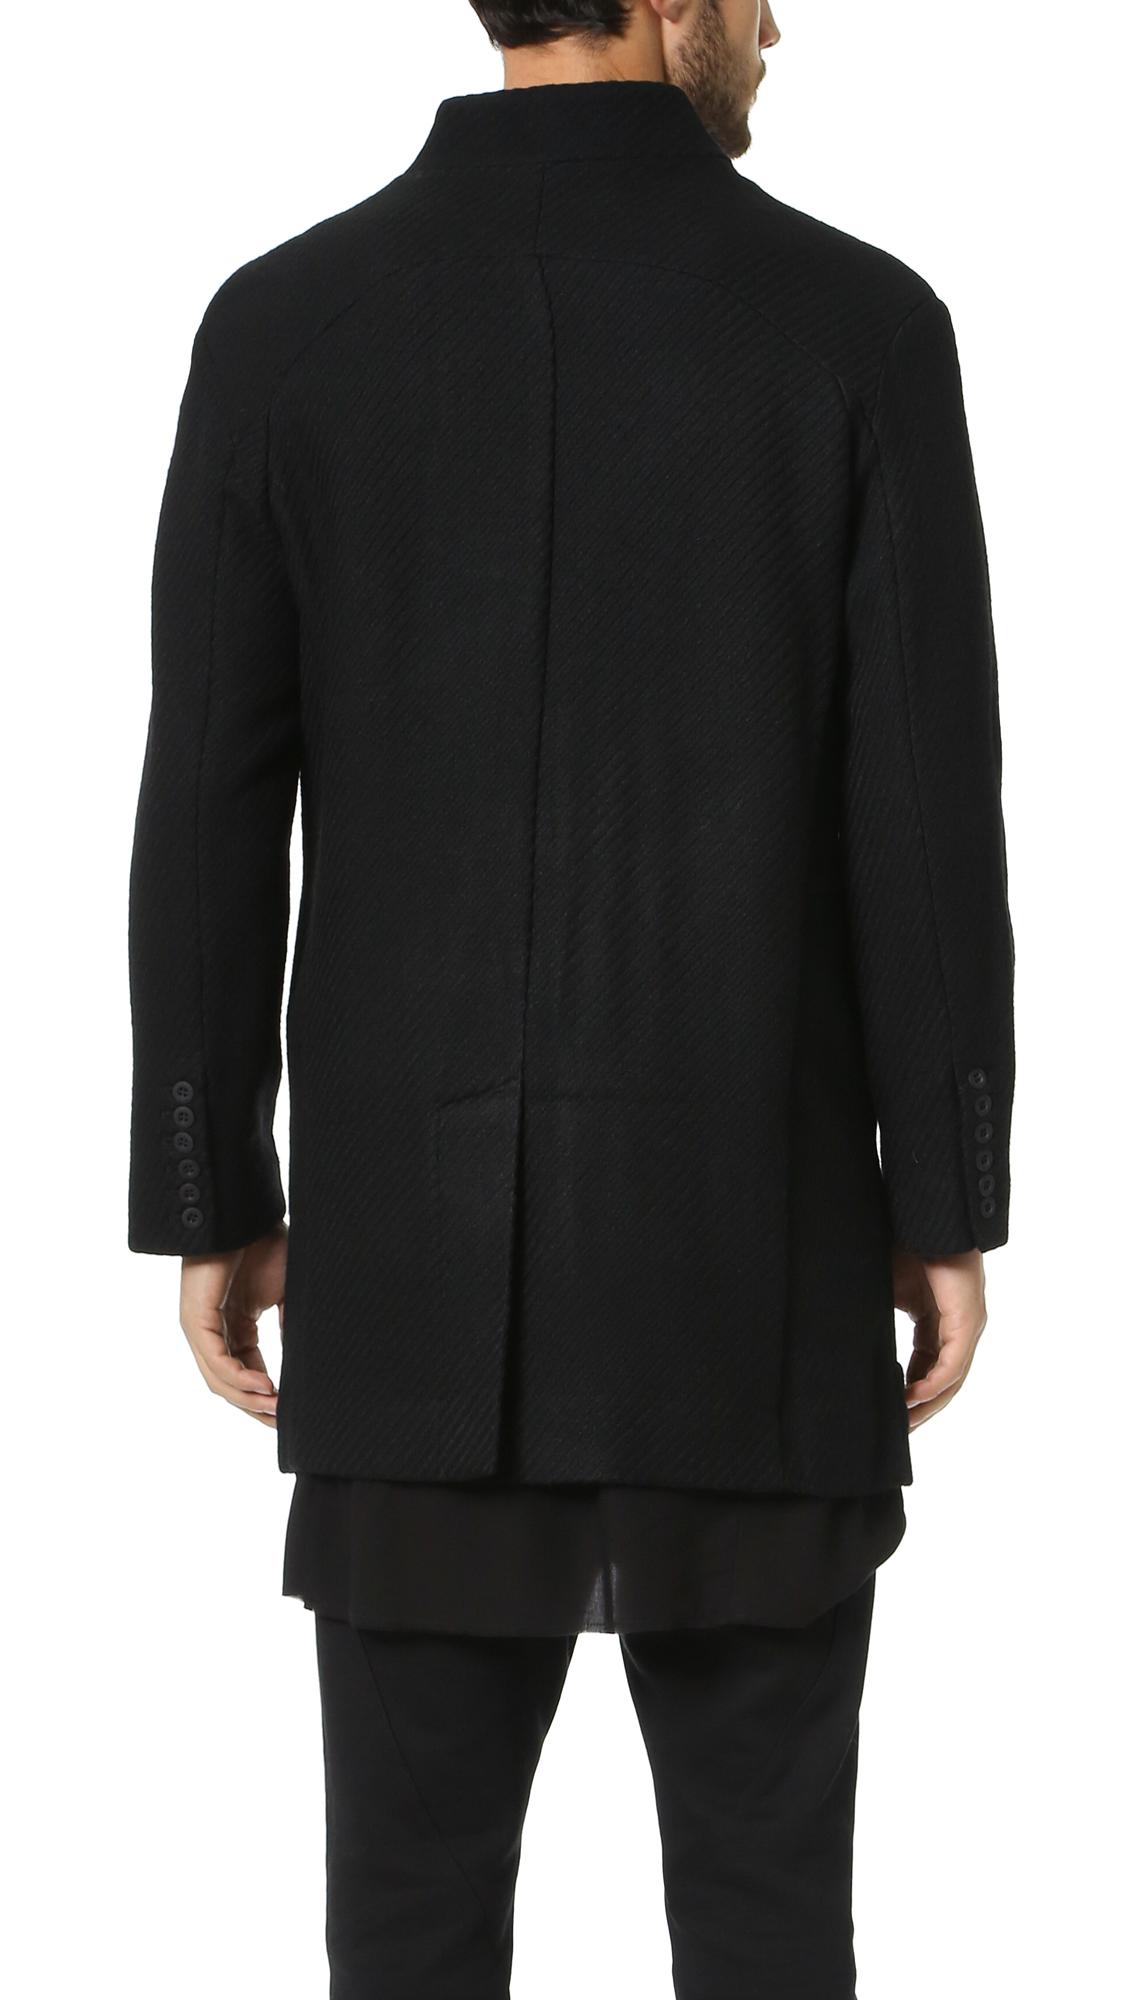 Chapter Sebastian Wool Coat In Black For Men | Lyst